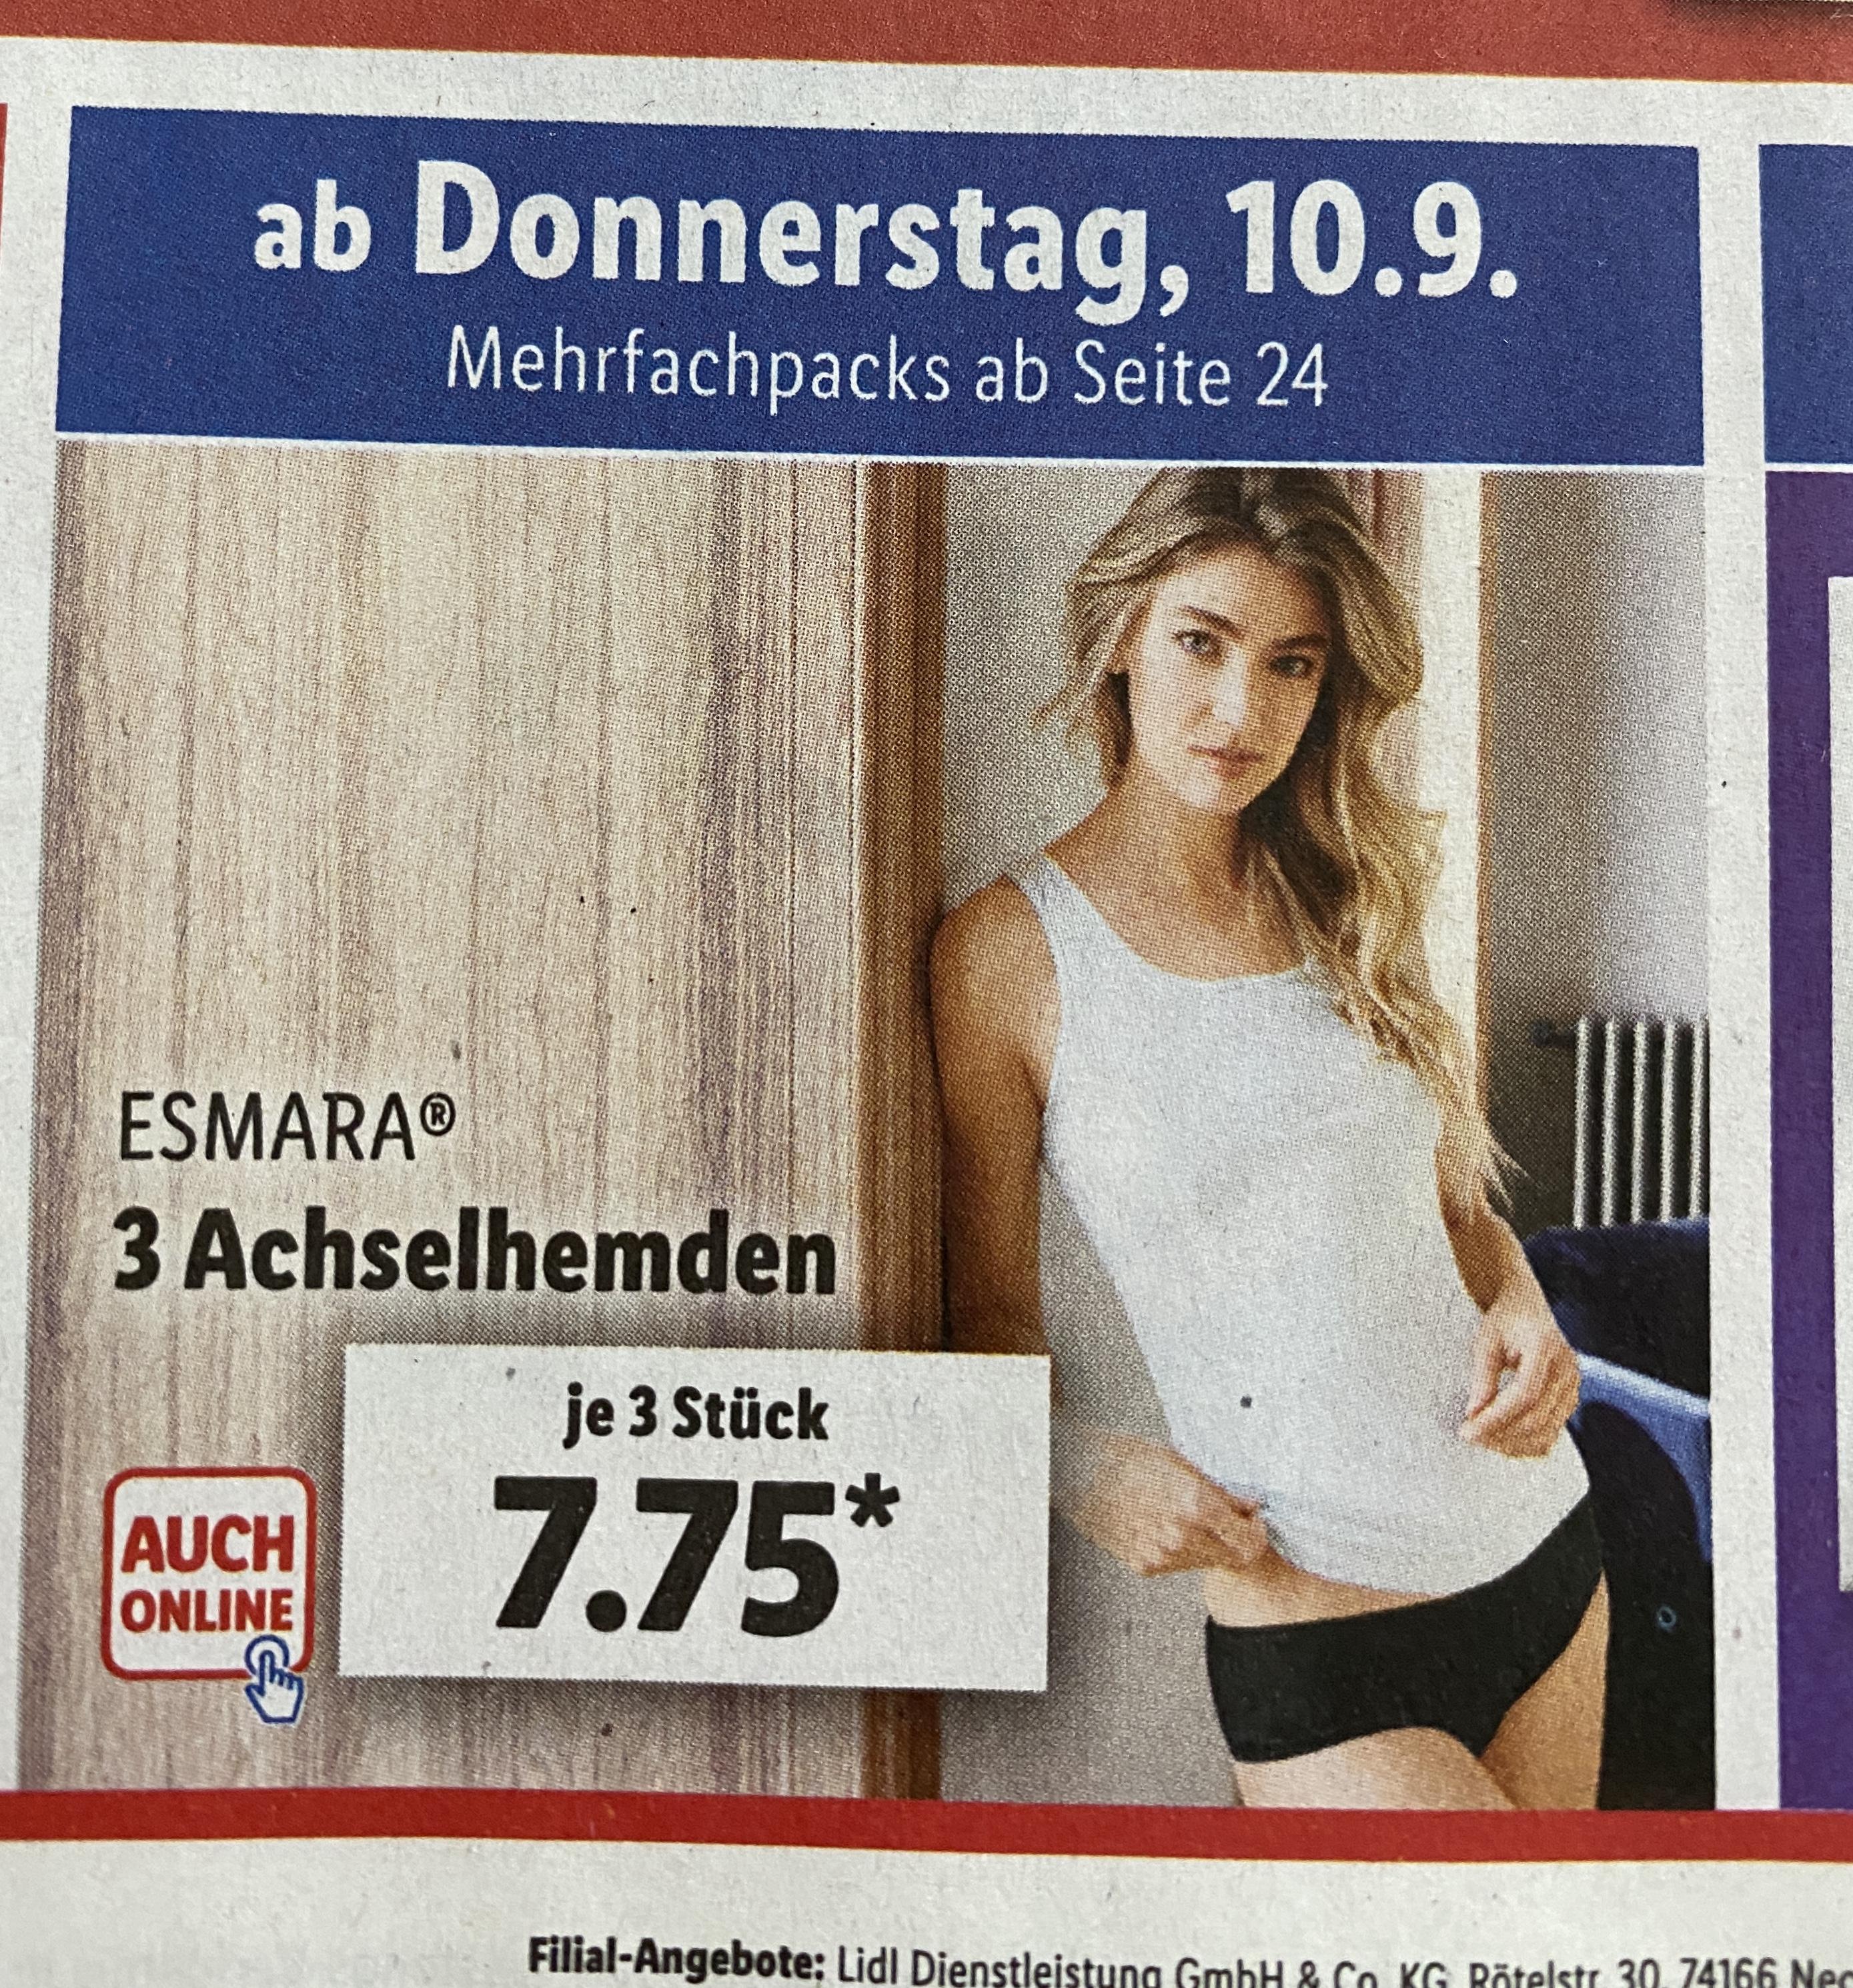 Damen-Unterwäsche bei Lidl (keine Dessous, aber trotzdem schön!) - ab Donnerstag